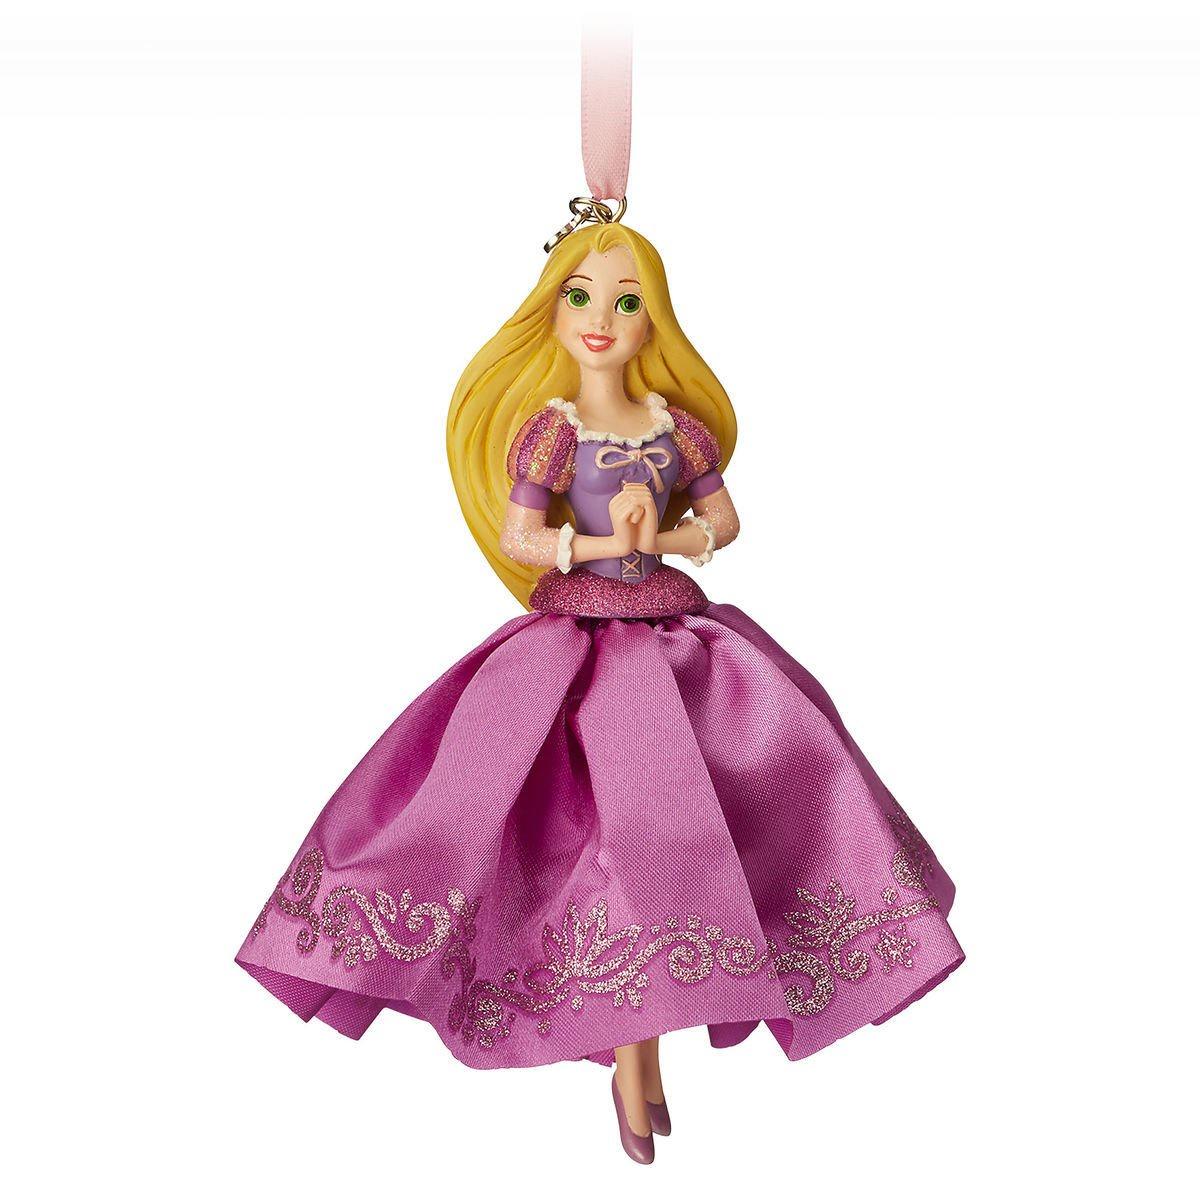 Елочная игрушка Принцессы Дисней Рапунцель игрушка hasbro disney princess кукла принцесса дисней рапунцель и фонарики